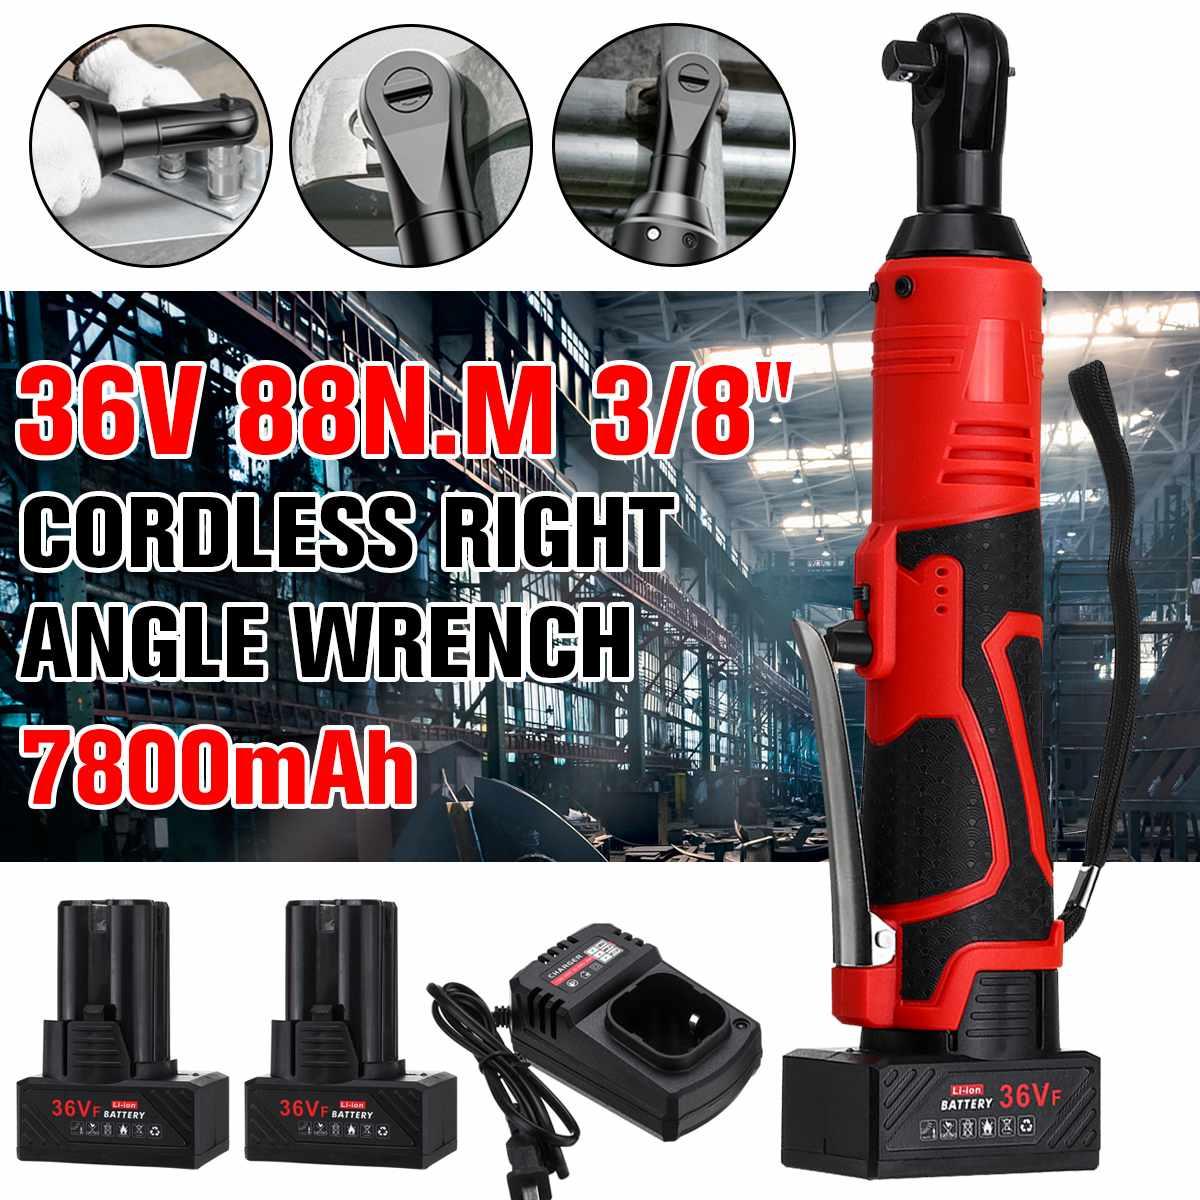 36V clé électrique sans fil cliquet 3/8 pouces avec 1/2 chargeur de batterie Rechargeable échafaudage 88N.m clé à Angle droit outil